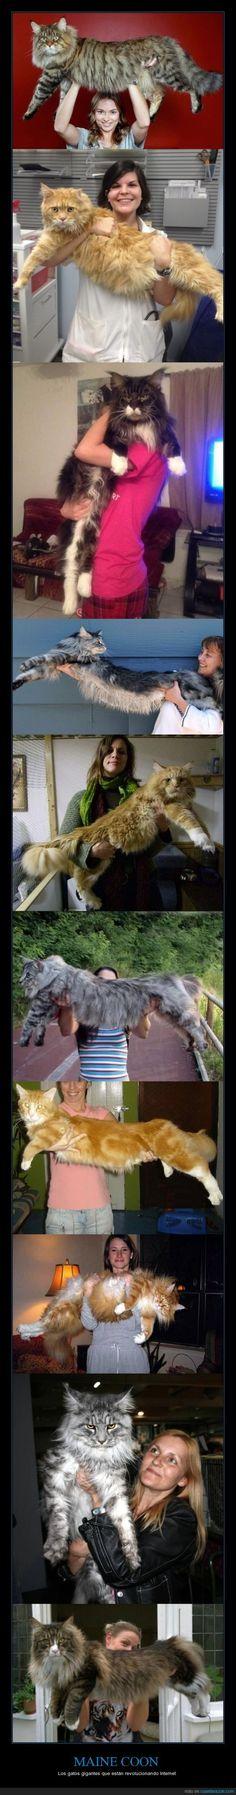 Vaya pedazo de GATAZOS D: - Los gatos gigantes que están revolucionando Internet